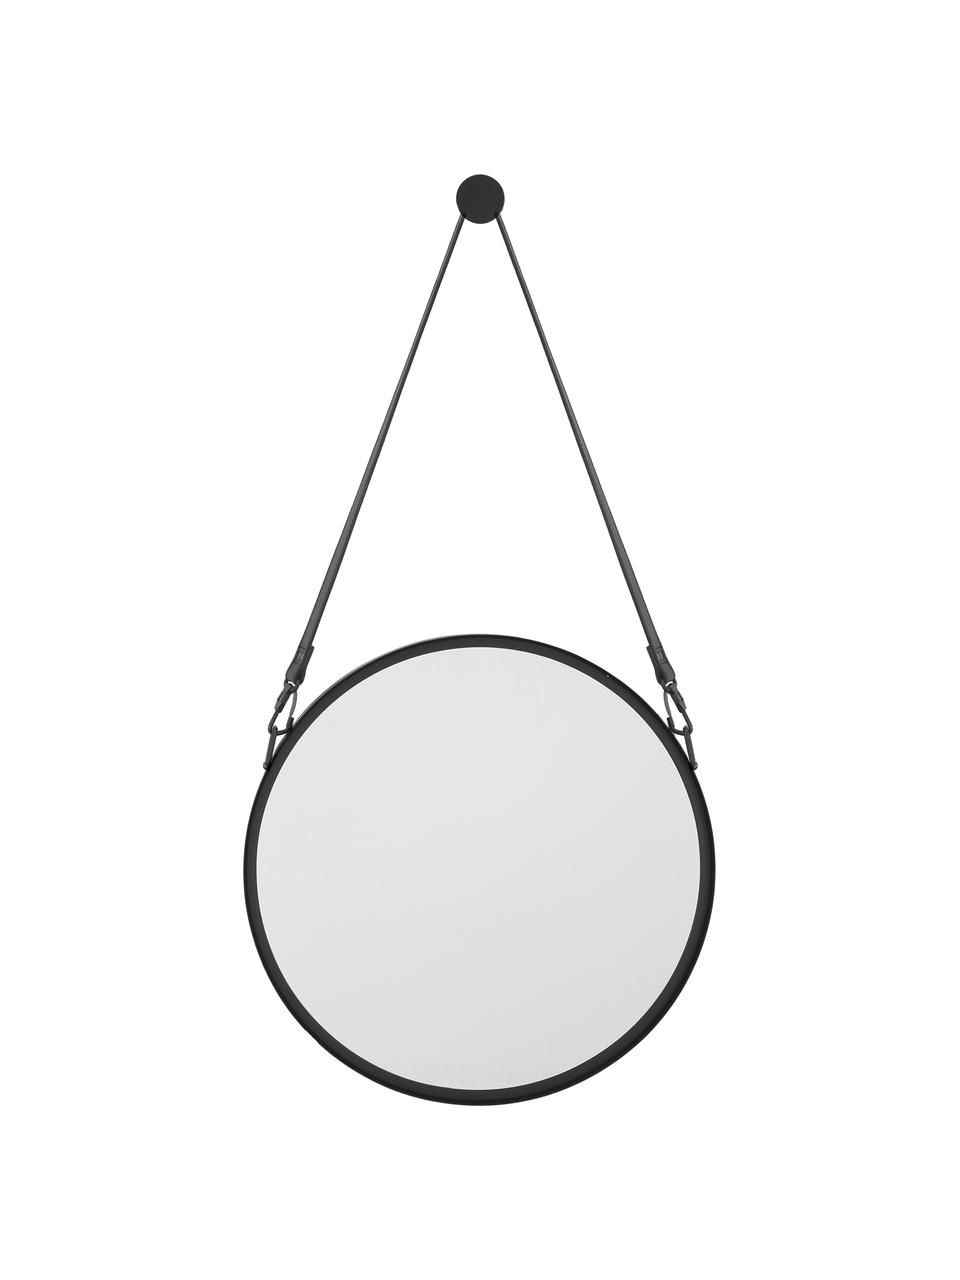 Runder Wandspiegel Liz mit schwarzem Metallrahmen und Hängeriemen, Rückseite: Mitteldichte Holzfaserpla, Spiegelfläche: Spiegelglas, Schwarz, 55 x 100 cm